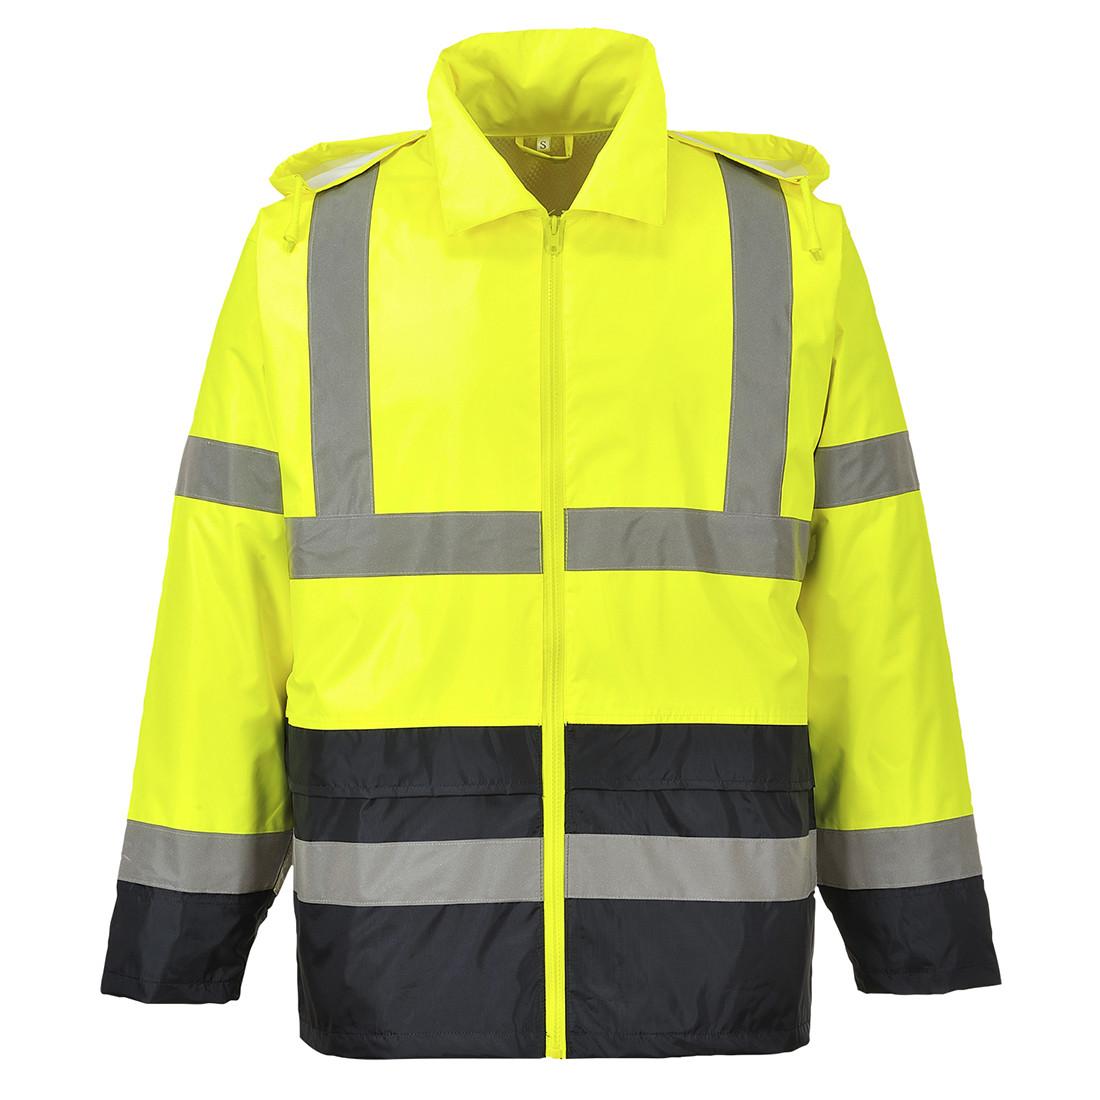 Portwest Hi-Vis Classic Bicolor Jacket (Geel/Zwart) 3XL